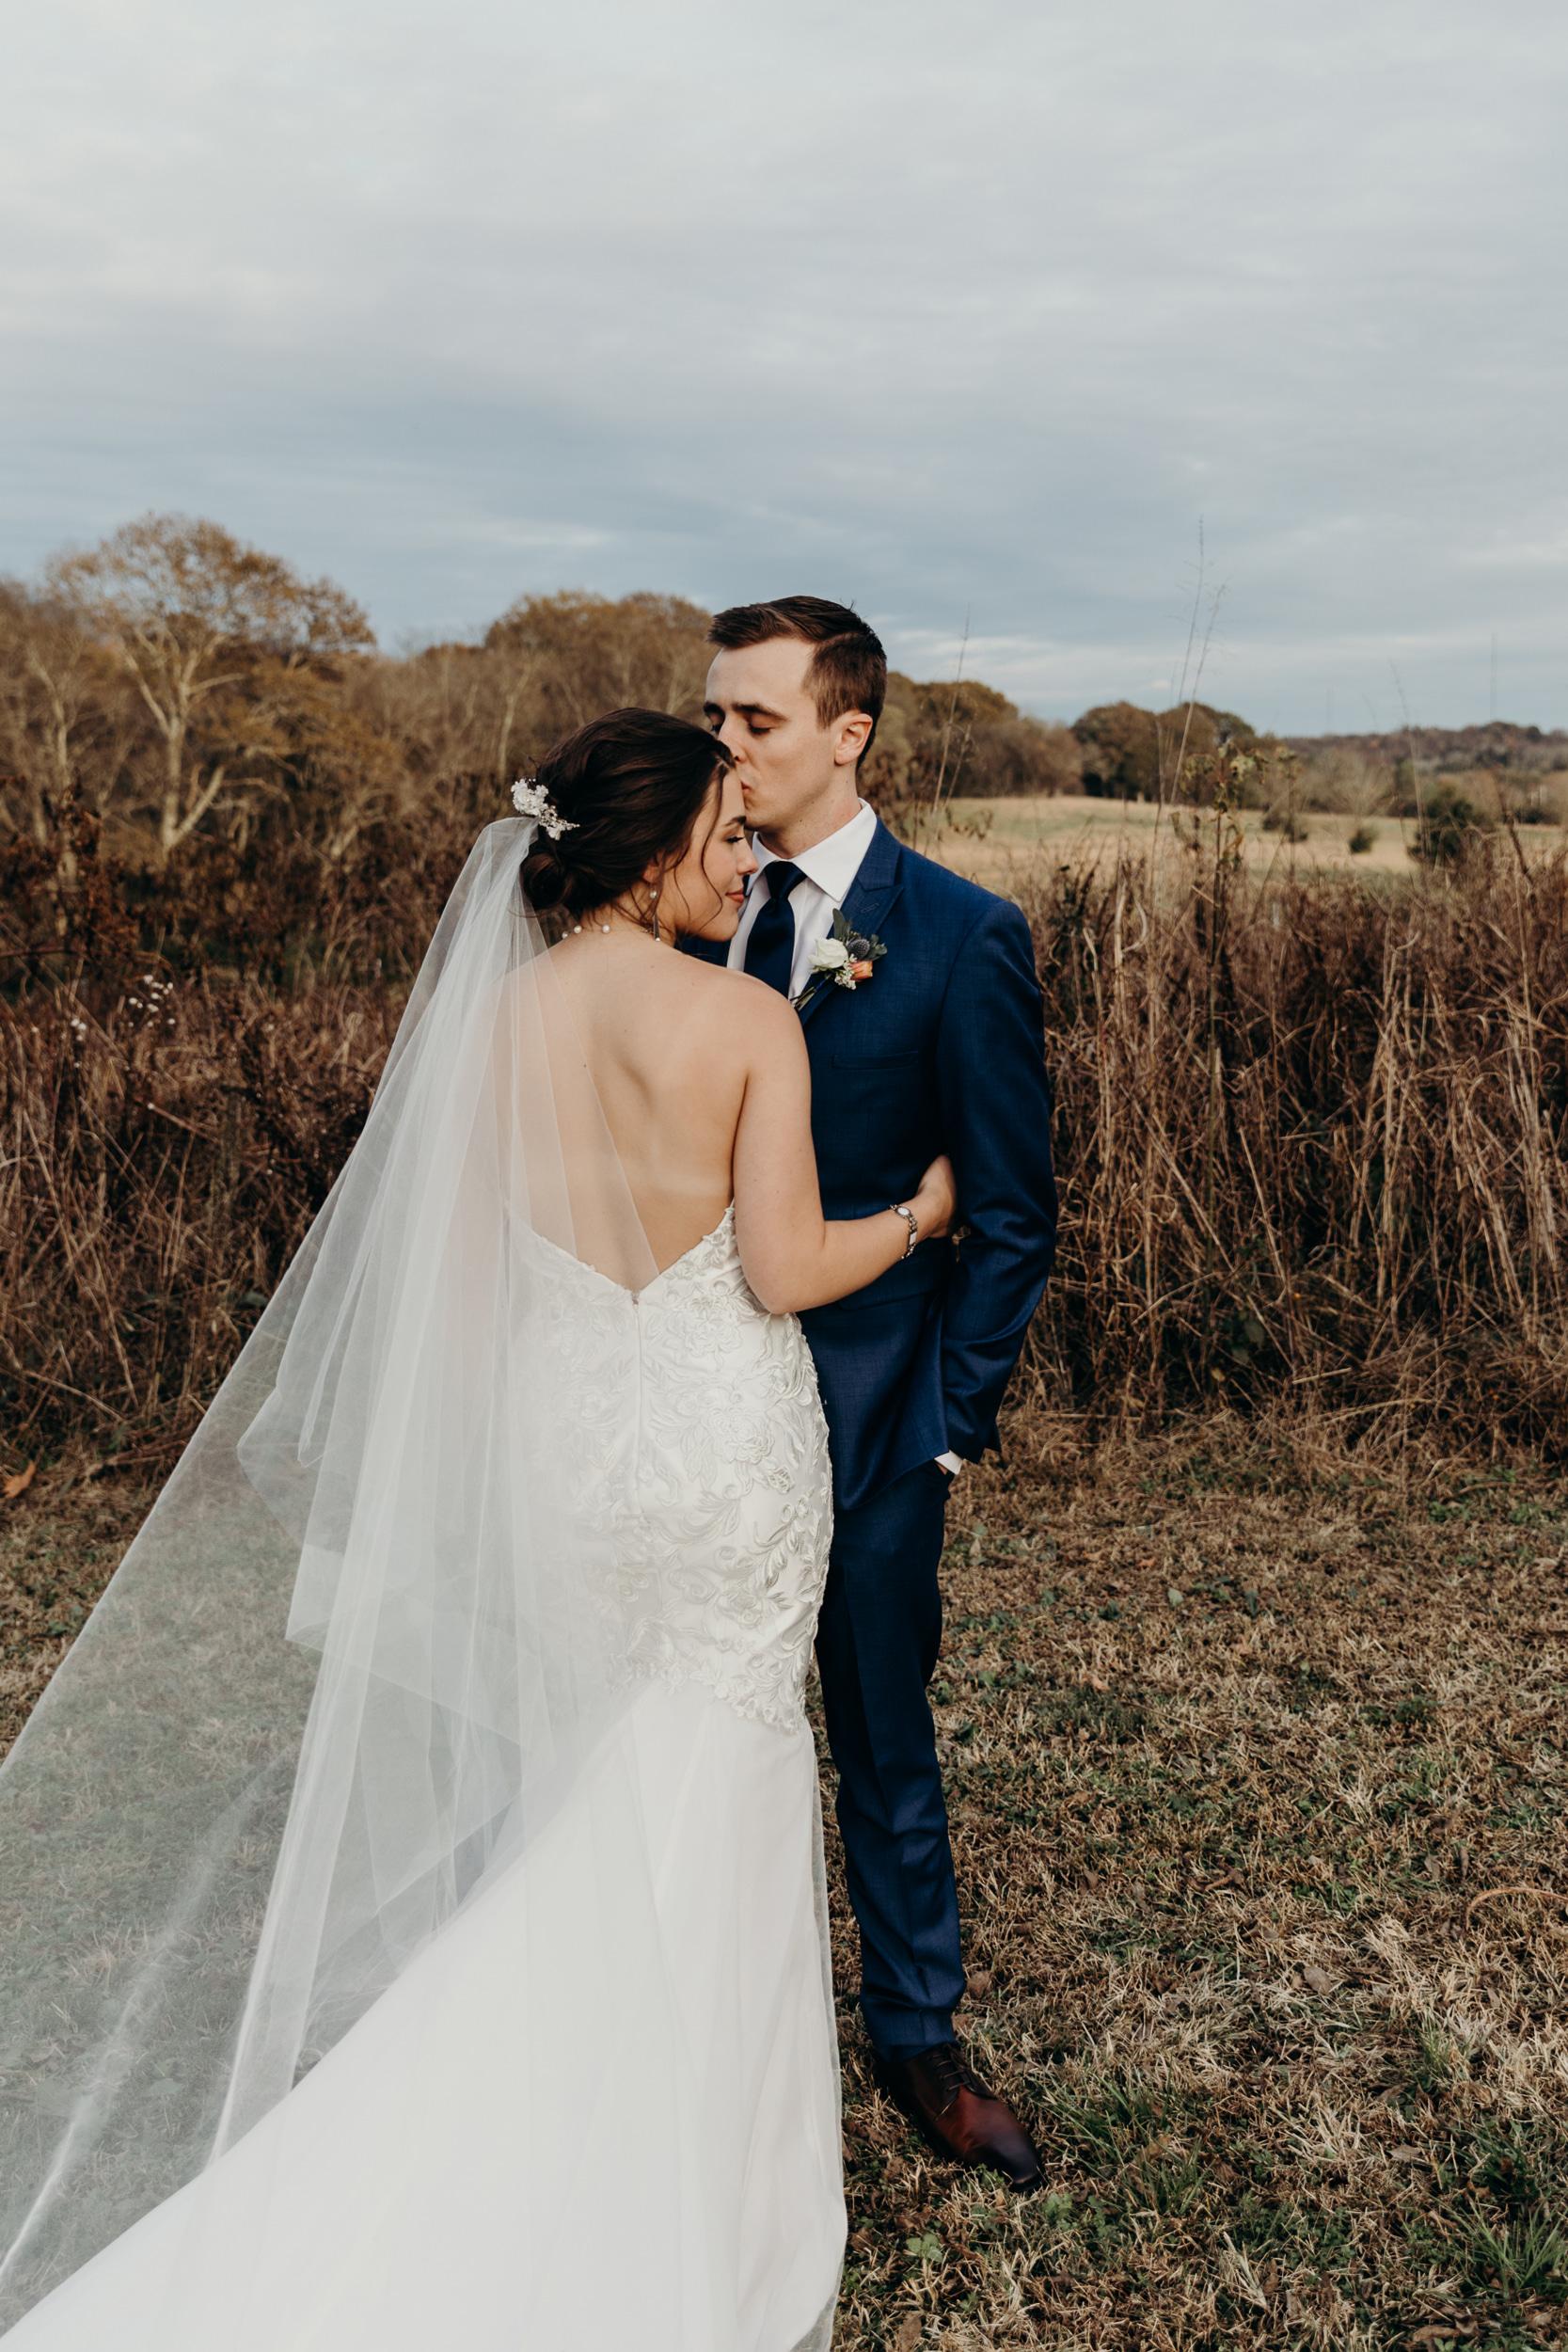 624-ltw-morgan-adam-wedding.jpg